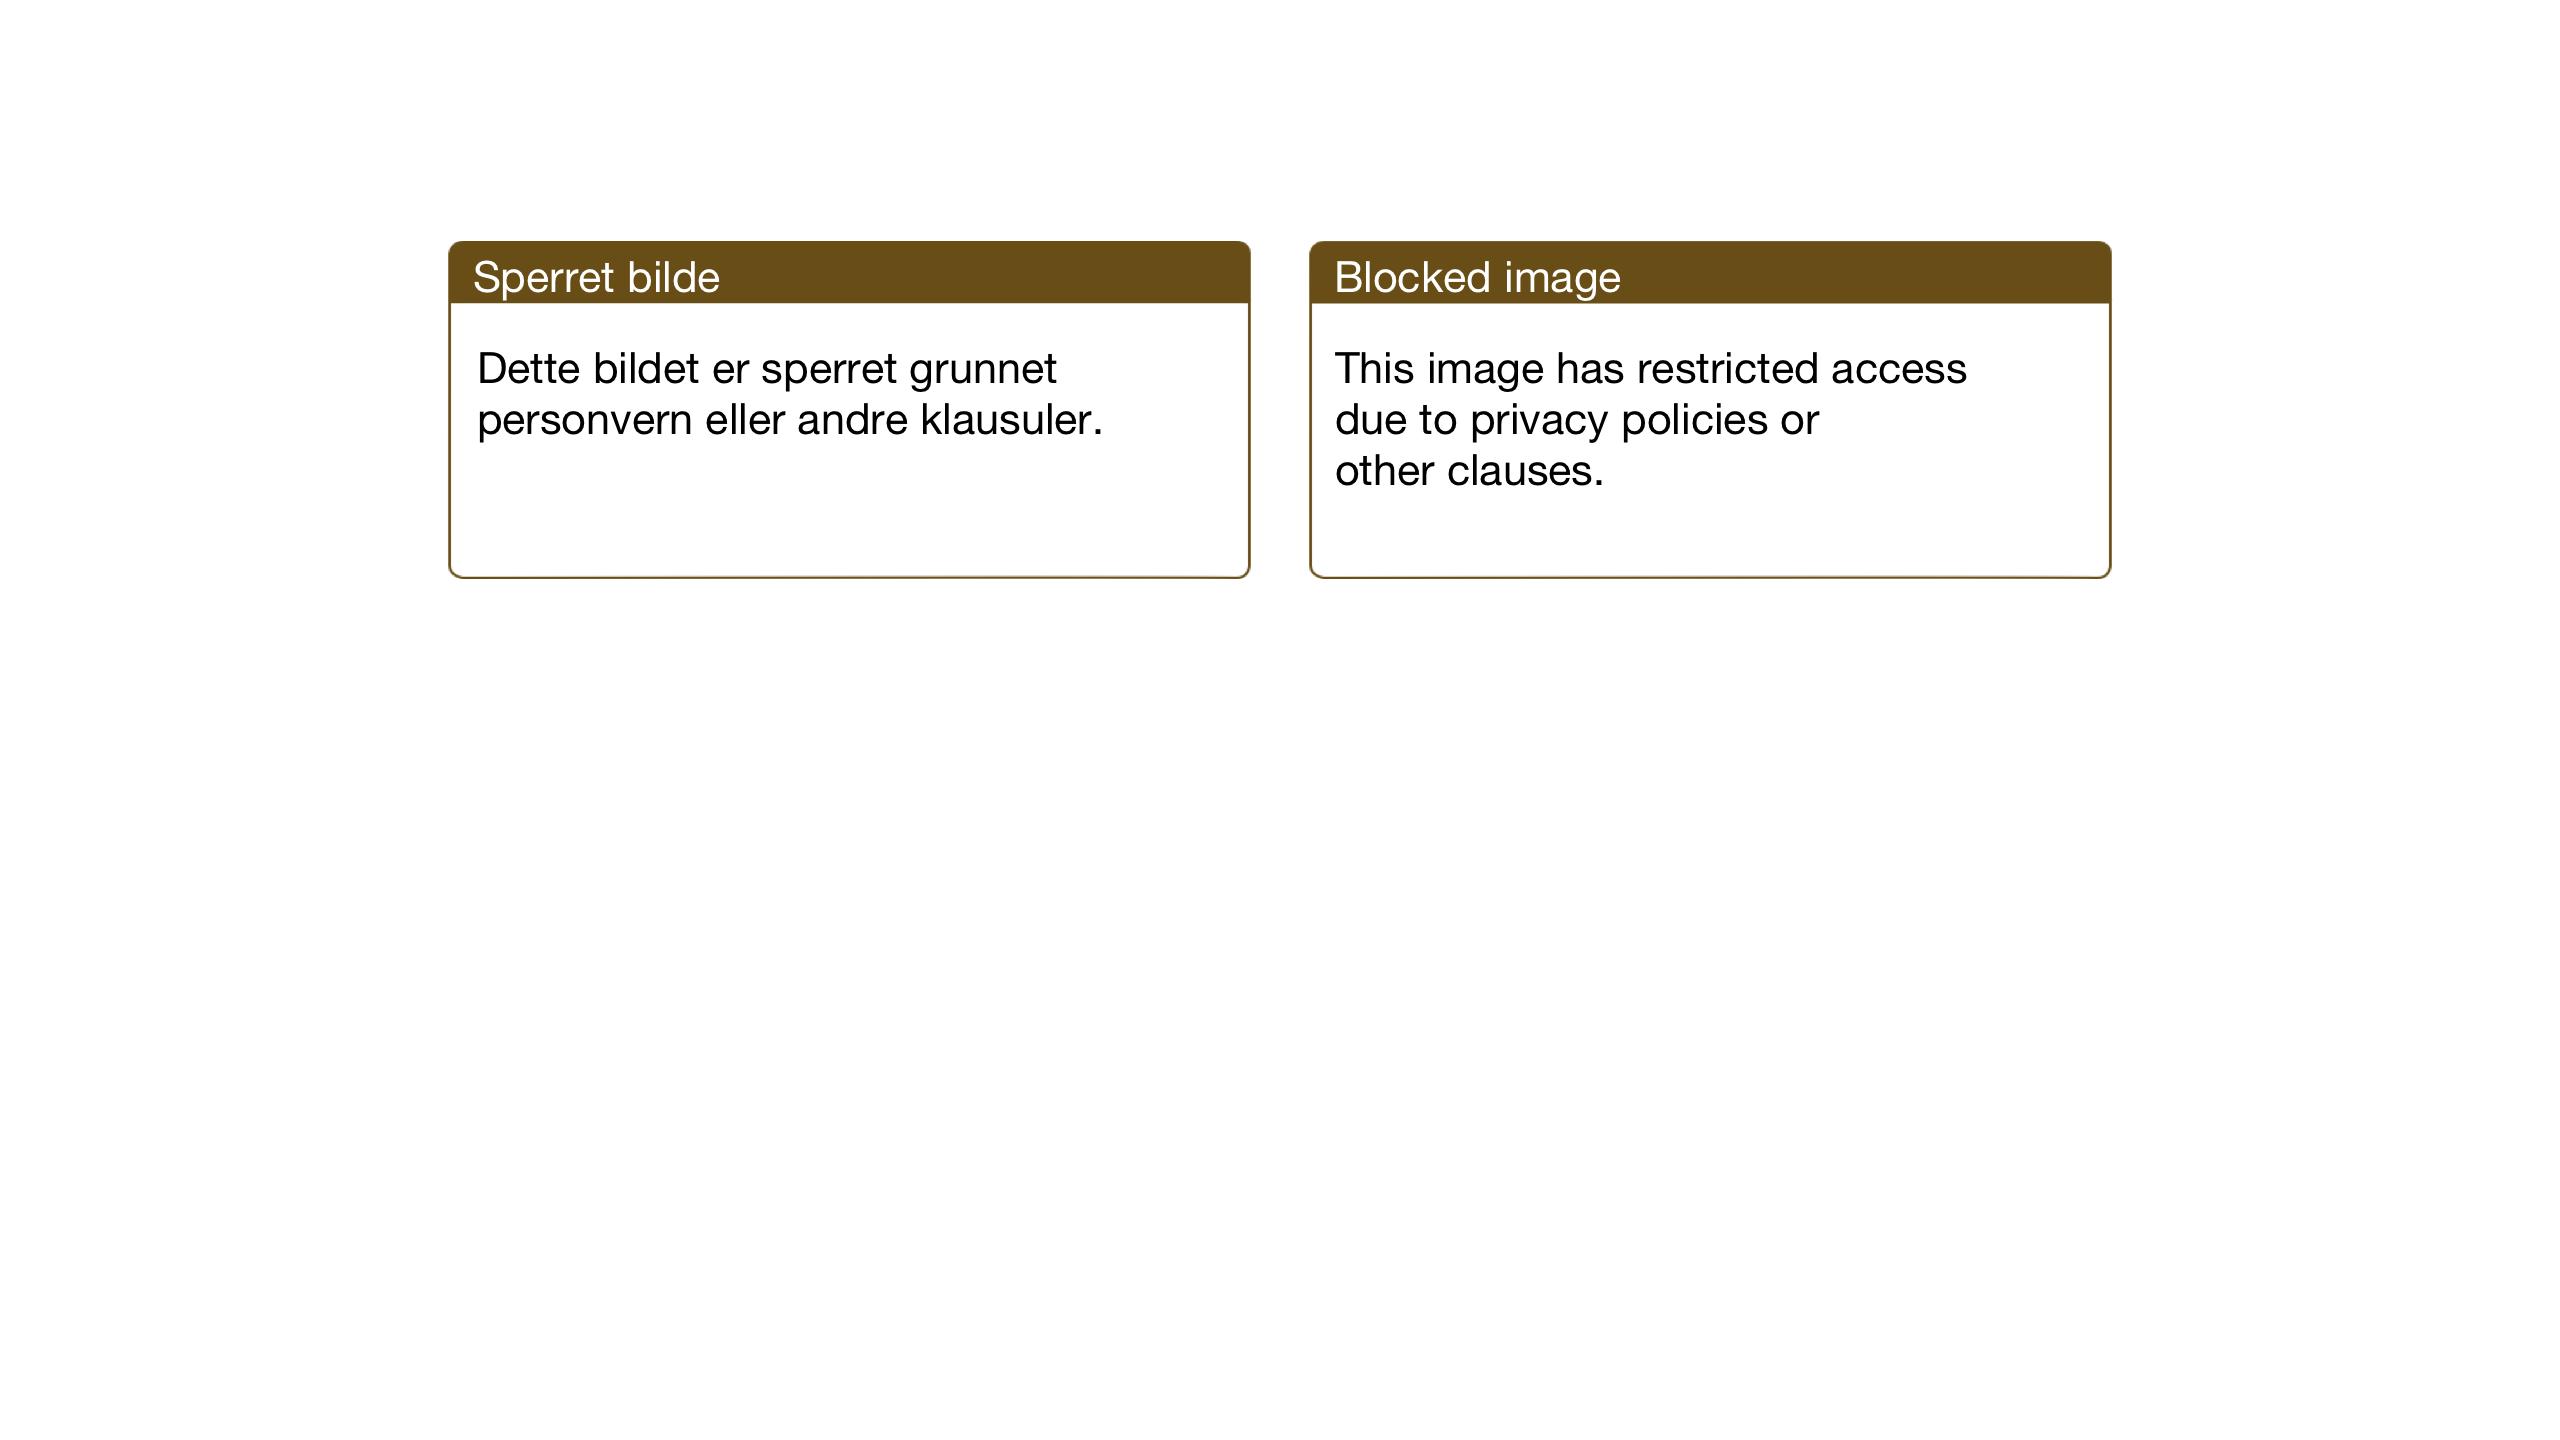 SAT, Ministerialprotokoller, klokkerbøker og fødselsregistre - Nord-Trøndelag, 746/L0456: Klokkerbok nr. 746C02, 1936-1948, s. 75